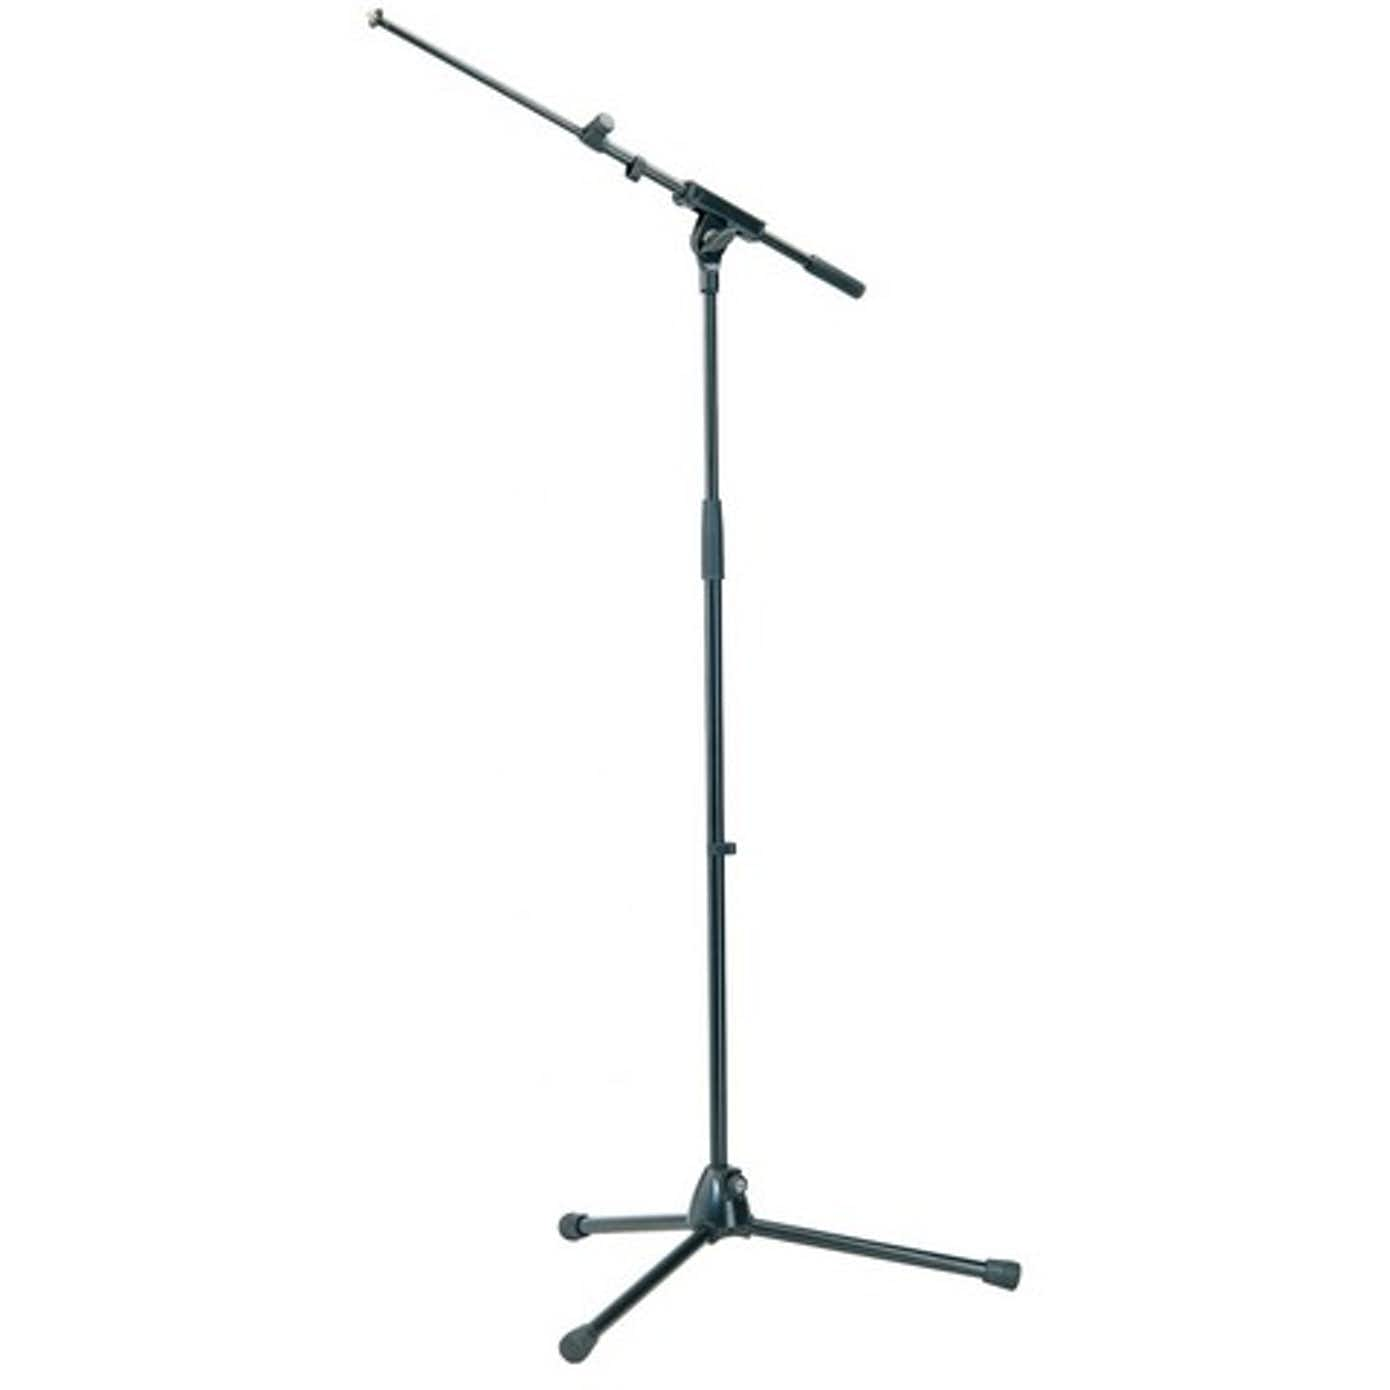 König & Meyer 210/8 Mikrofonstativ